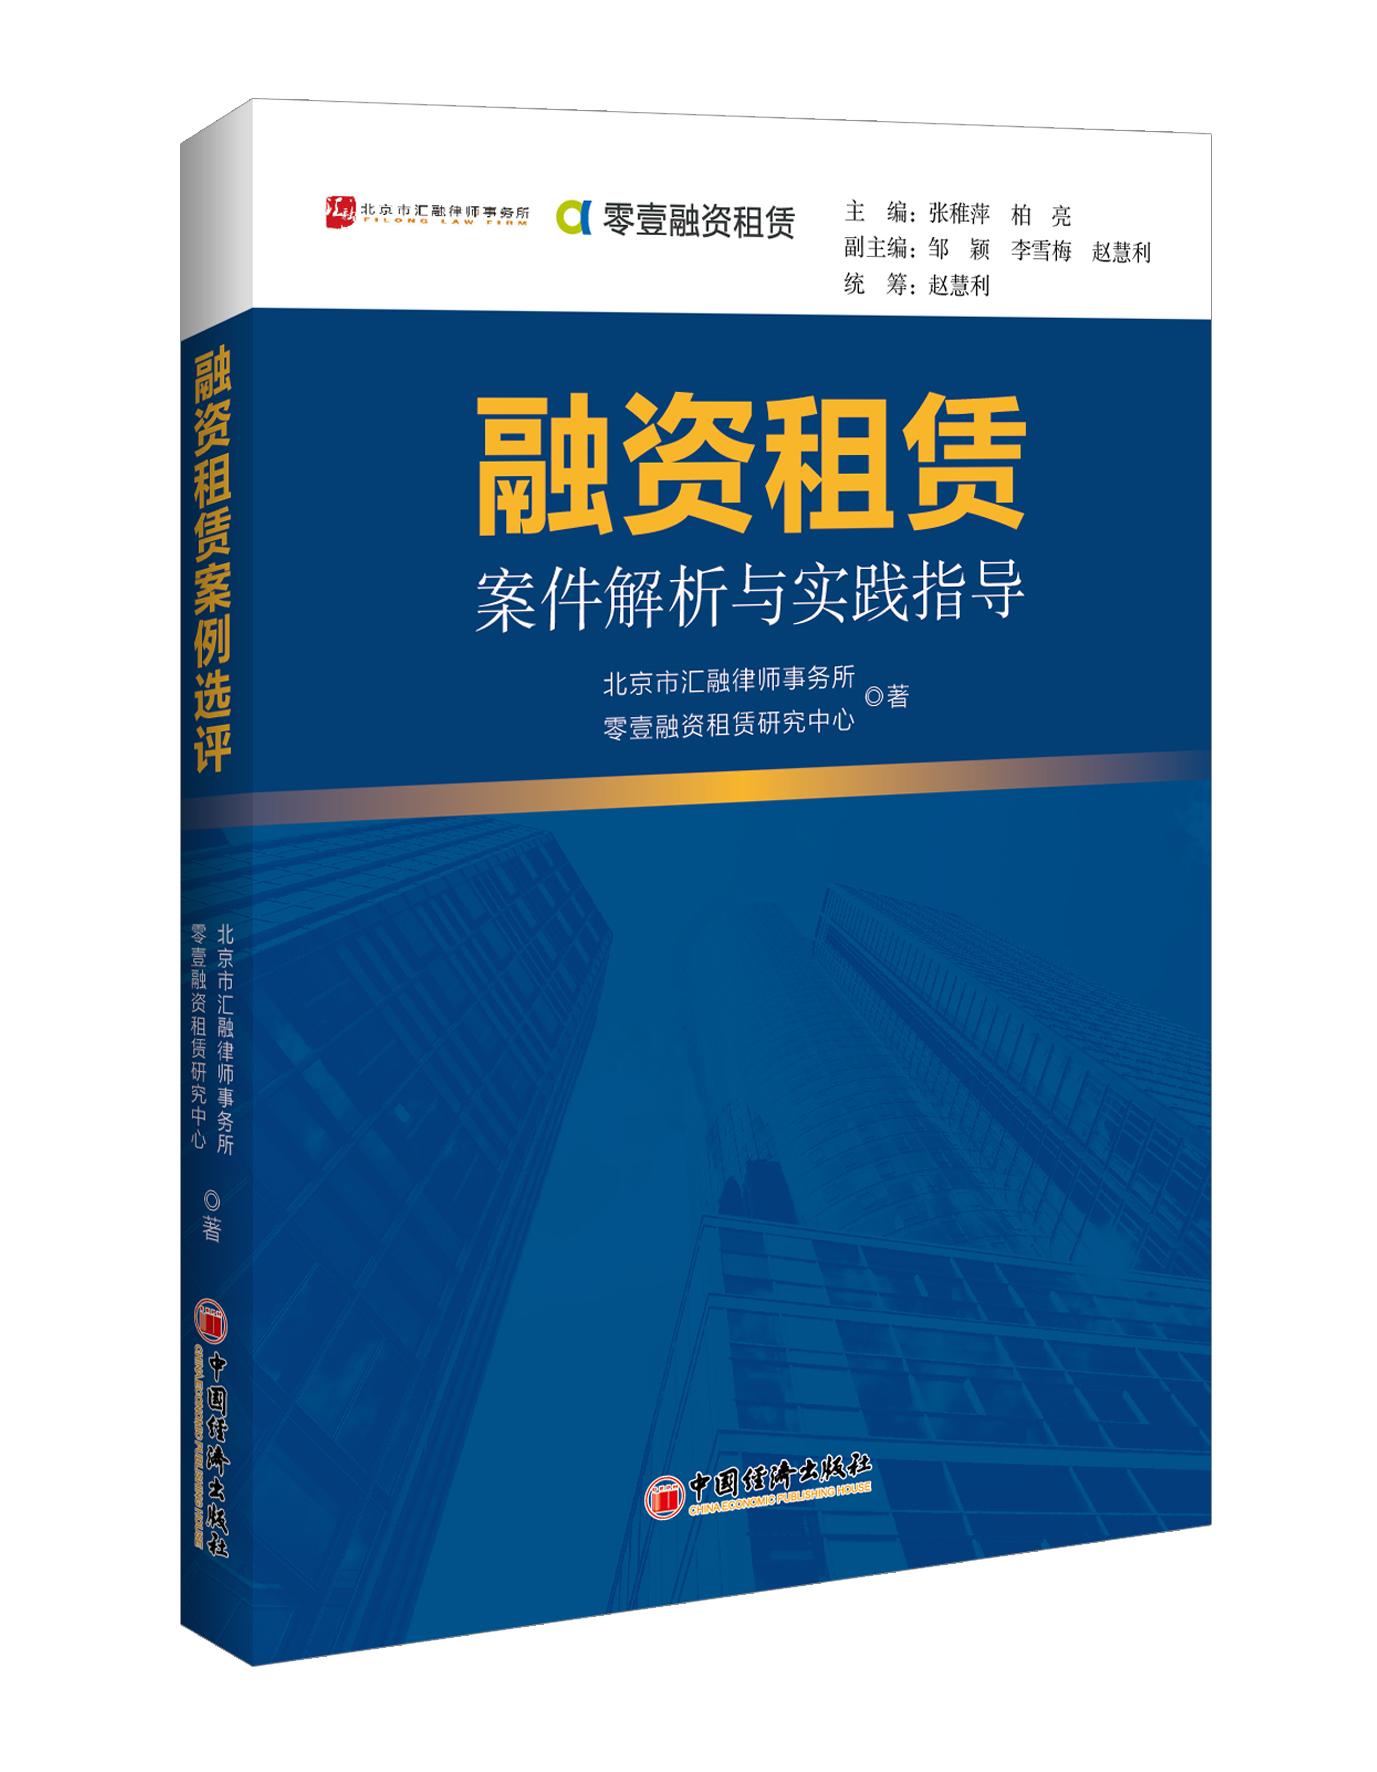 融资租赁案件解析与实践指导